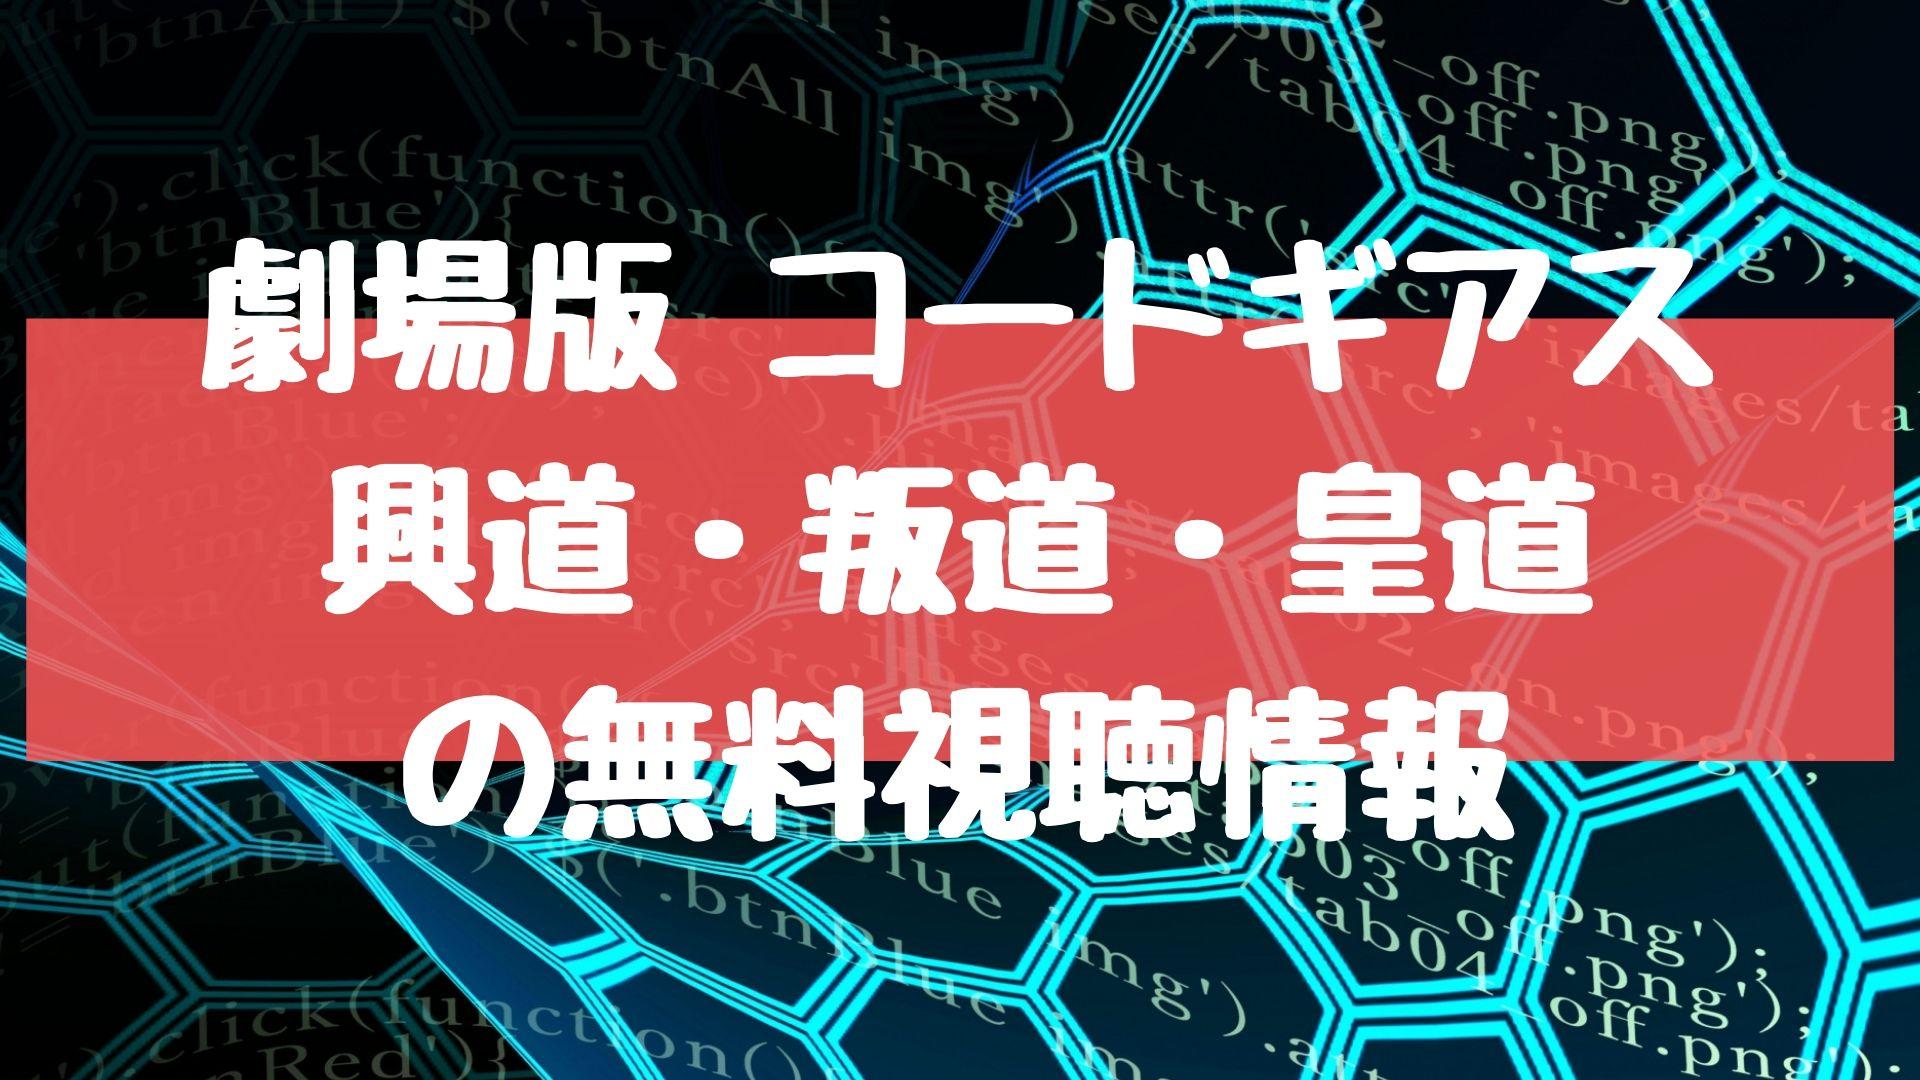 映画「劇場版3部作 コードギアス 興道・叛道・皇道」を無料視聴!Anitube・アニポ等で見れる?